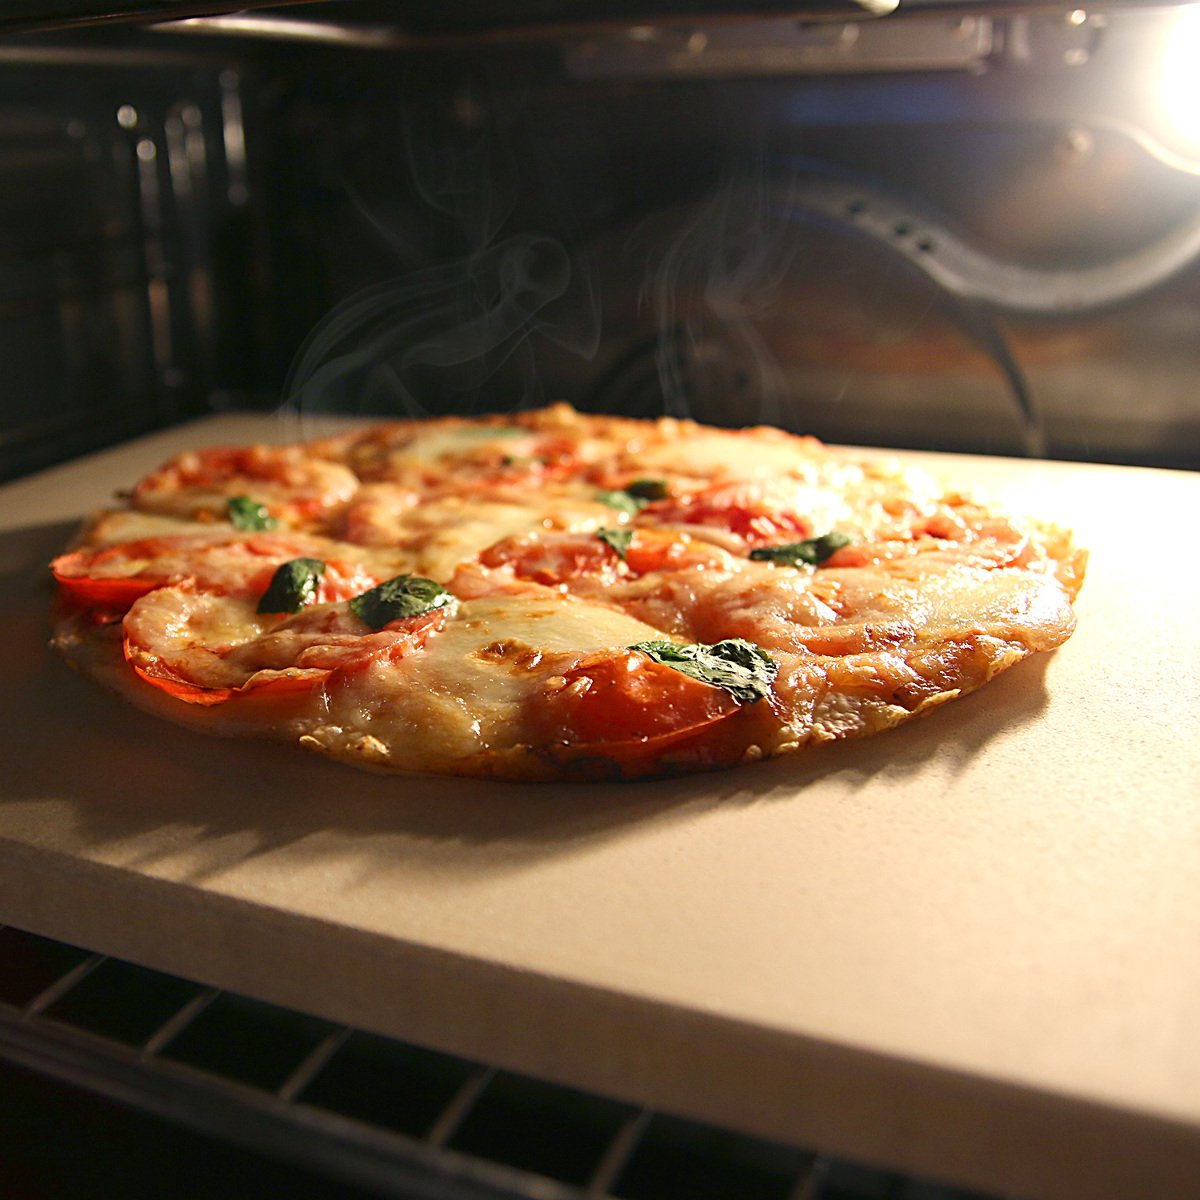 Navaris piedra para pizza de cordierita - Piedra de horno para pizza pan pasteles - Plato rectangular para grill en beige: Amazon.es: Hogar